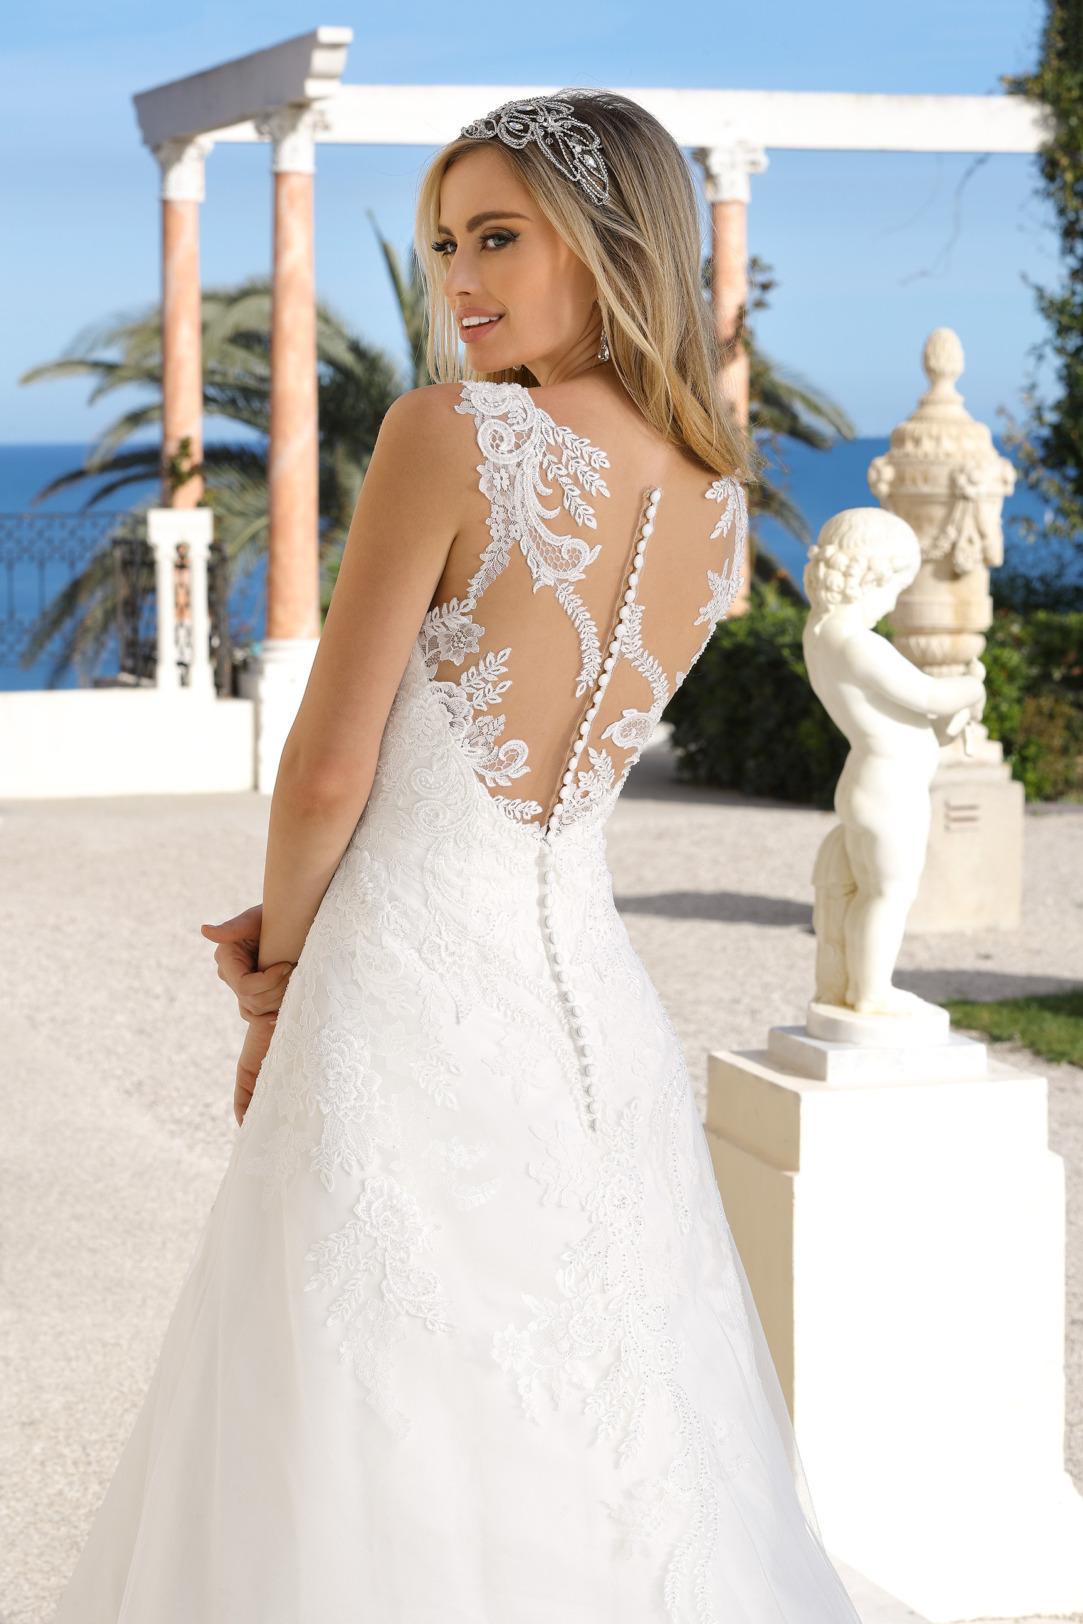 Brautkleid in A-Linie mit feinsten Spitzenapplikationen im Rückenbereich. Hochzeitskleid in klassischer A Linie von Ladybird Modell 421053. Brautkleid in A-Linie mit V Ausschnitt und breiten Trägern.